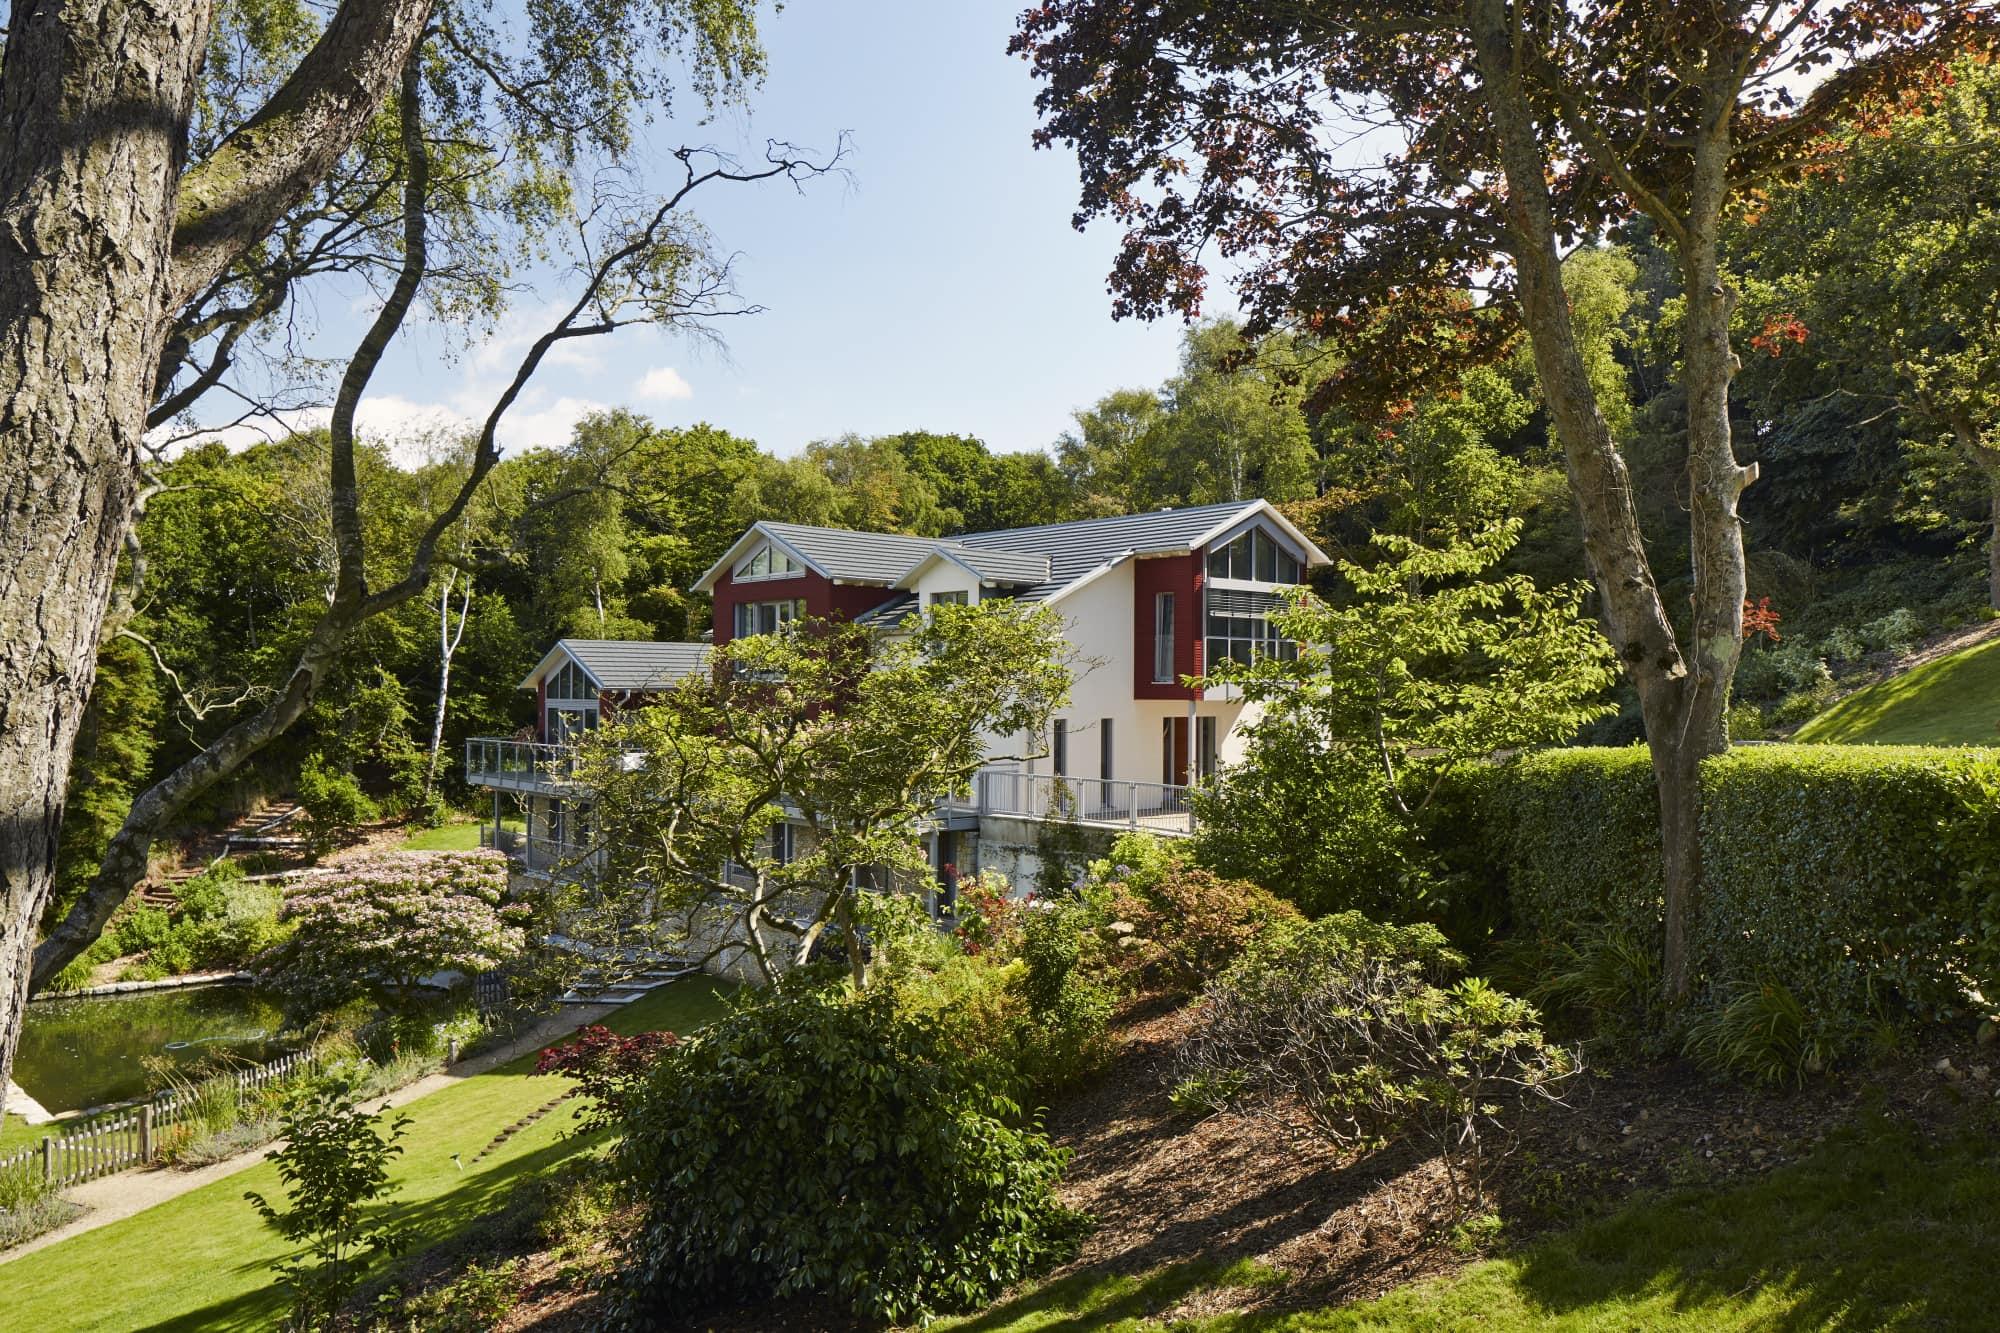 Villa im Landhausstil mit Holz Putz Fassade & Satteldach Architektur - Haus bauen Ideen Baufritz Fertighaus Landhaus FORTESCUE - HausbauDirekt.de